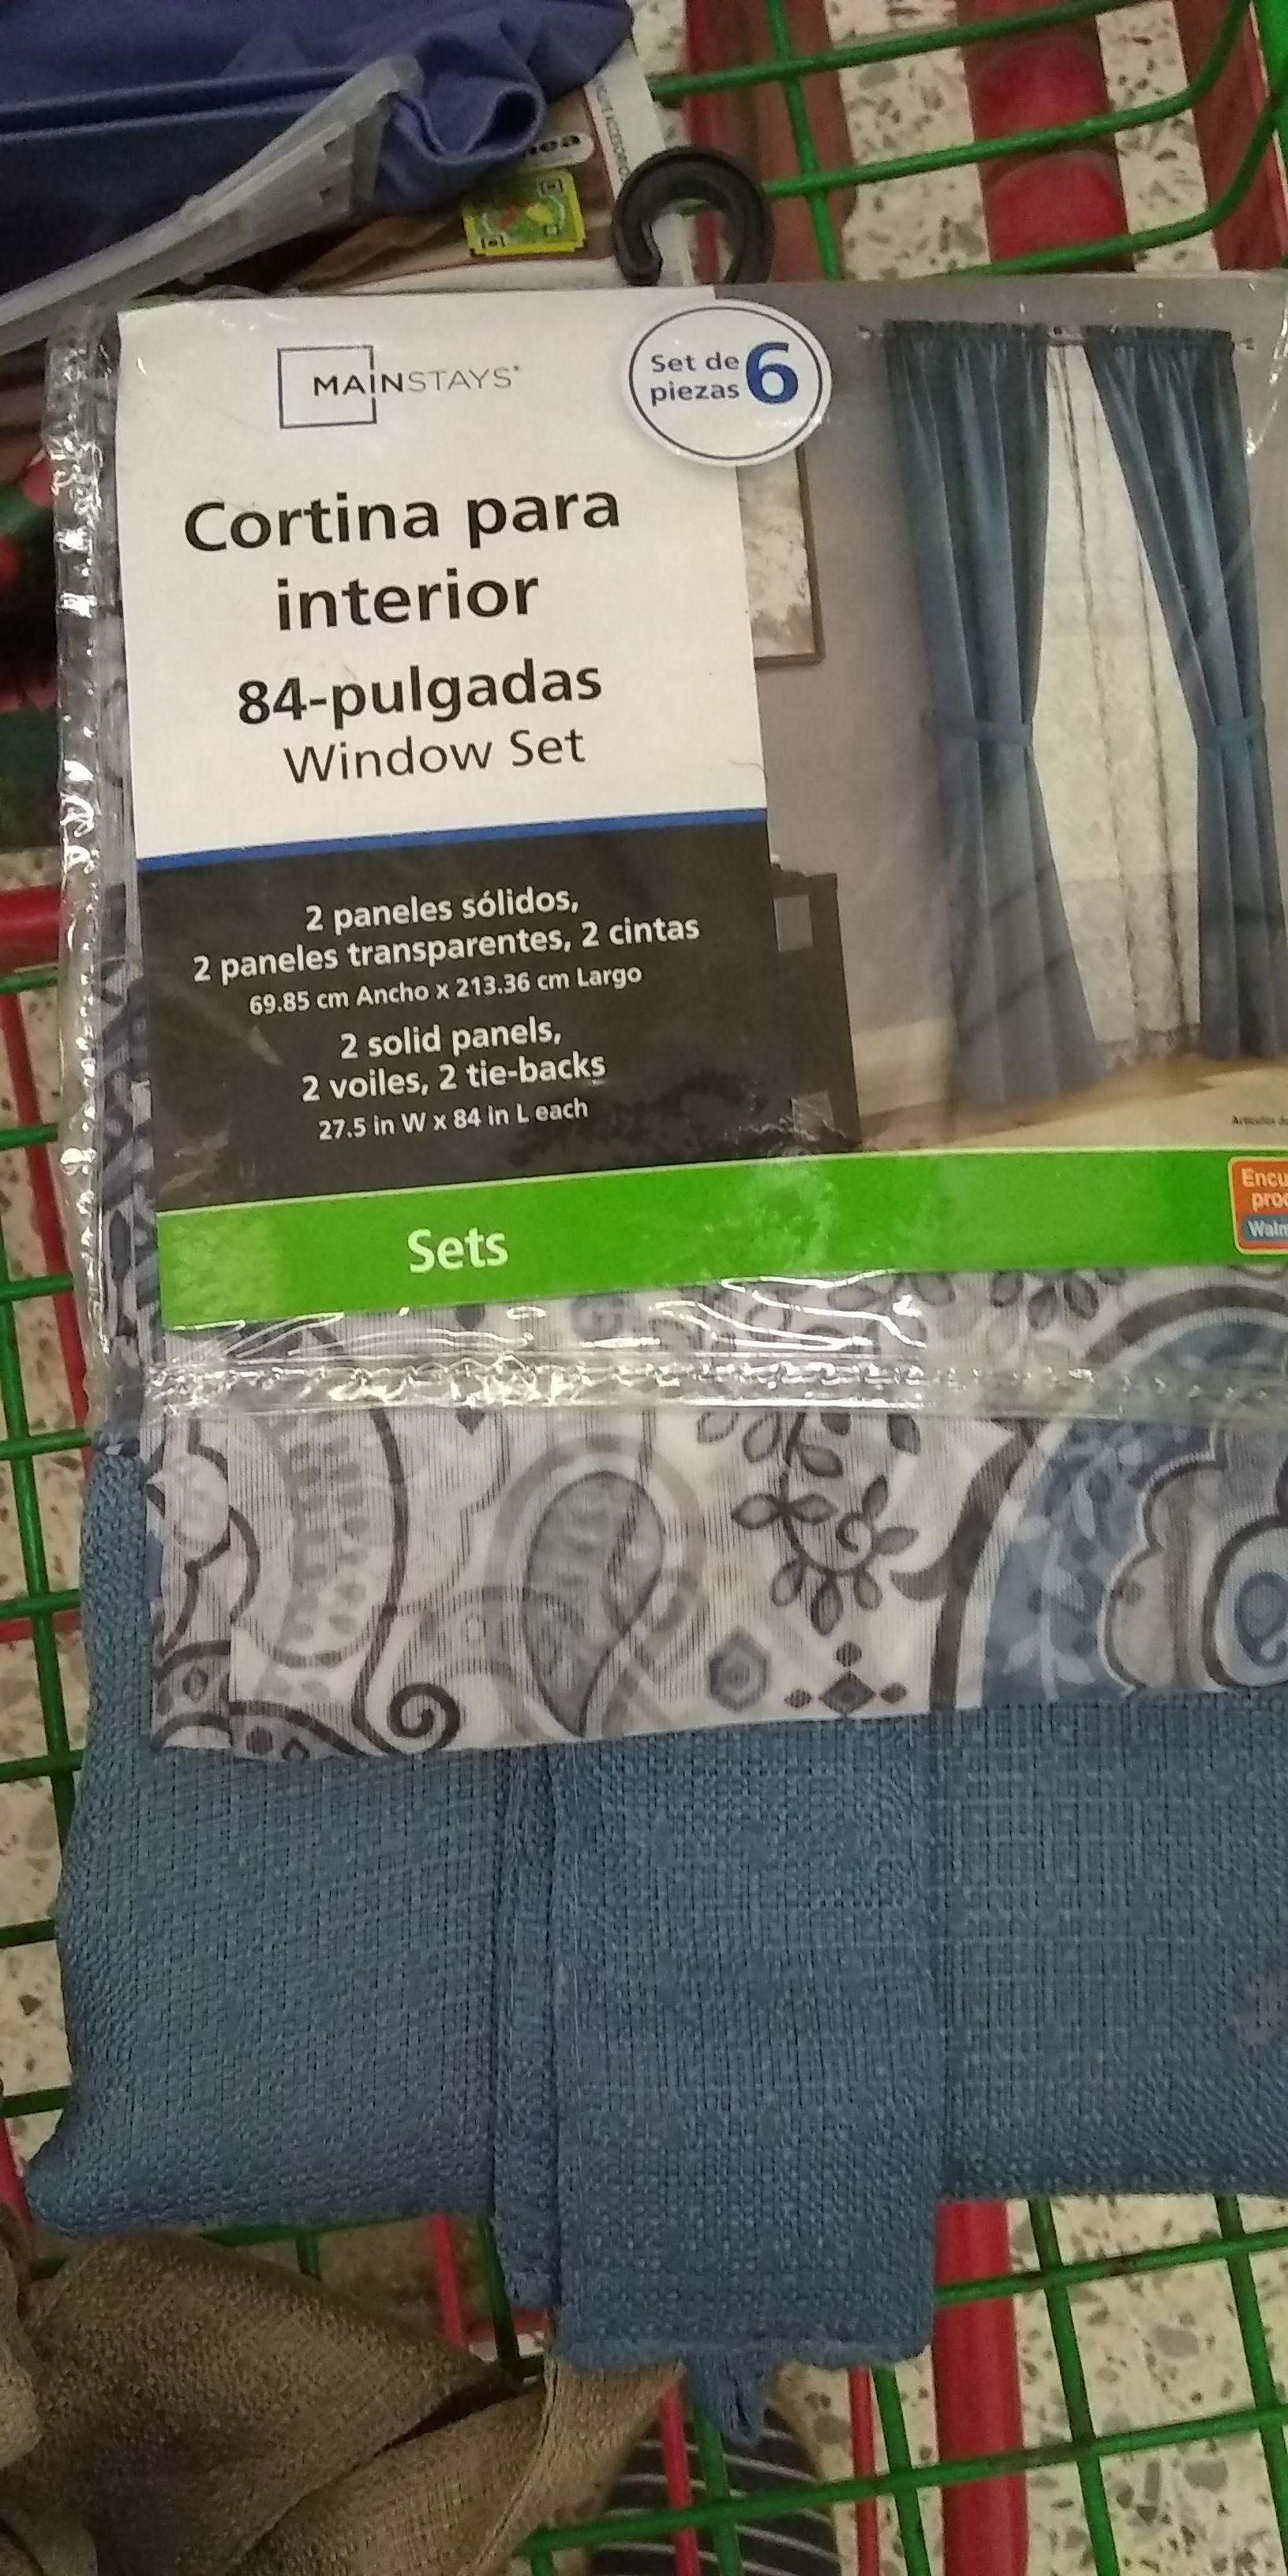 Bodega Aurrerá: Set de cortinas 6 piezas